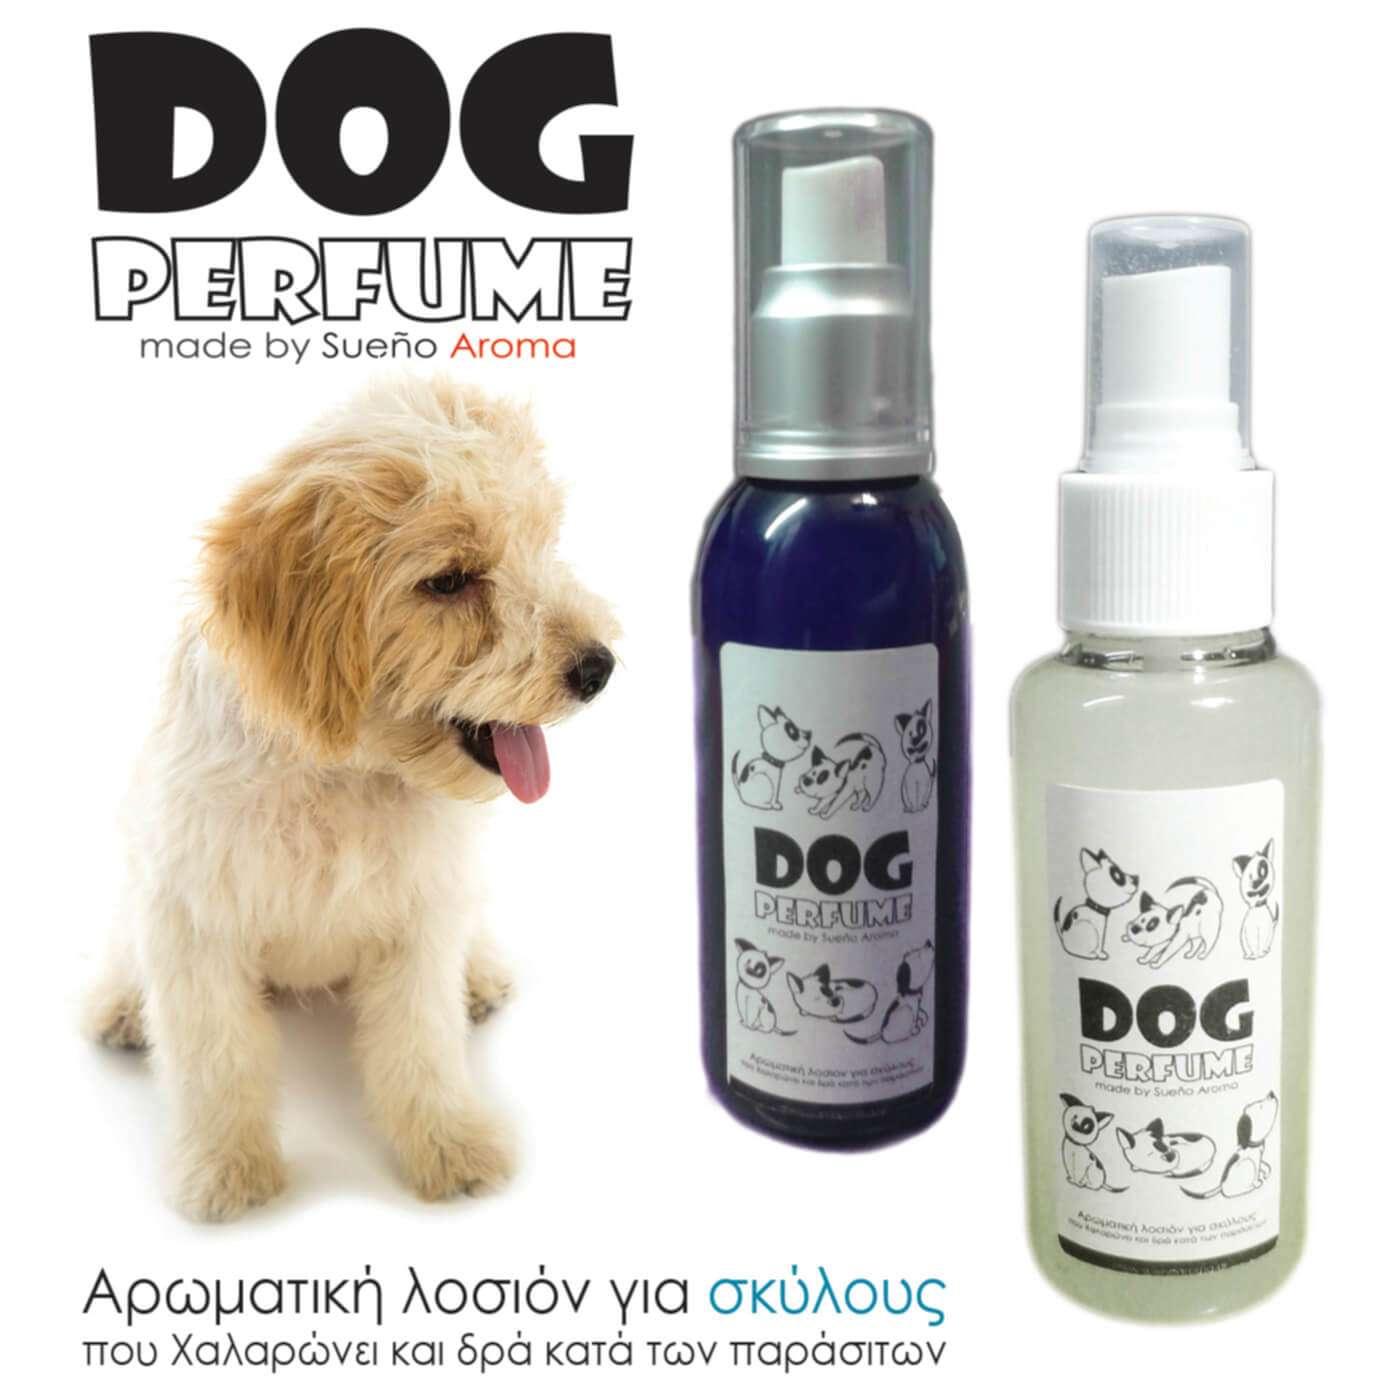 Άρωμα για σκύλους- Dog's Perfume 100ml spray